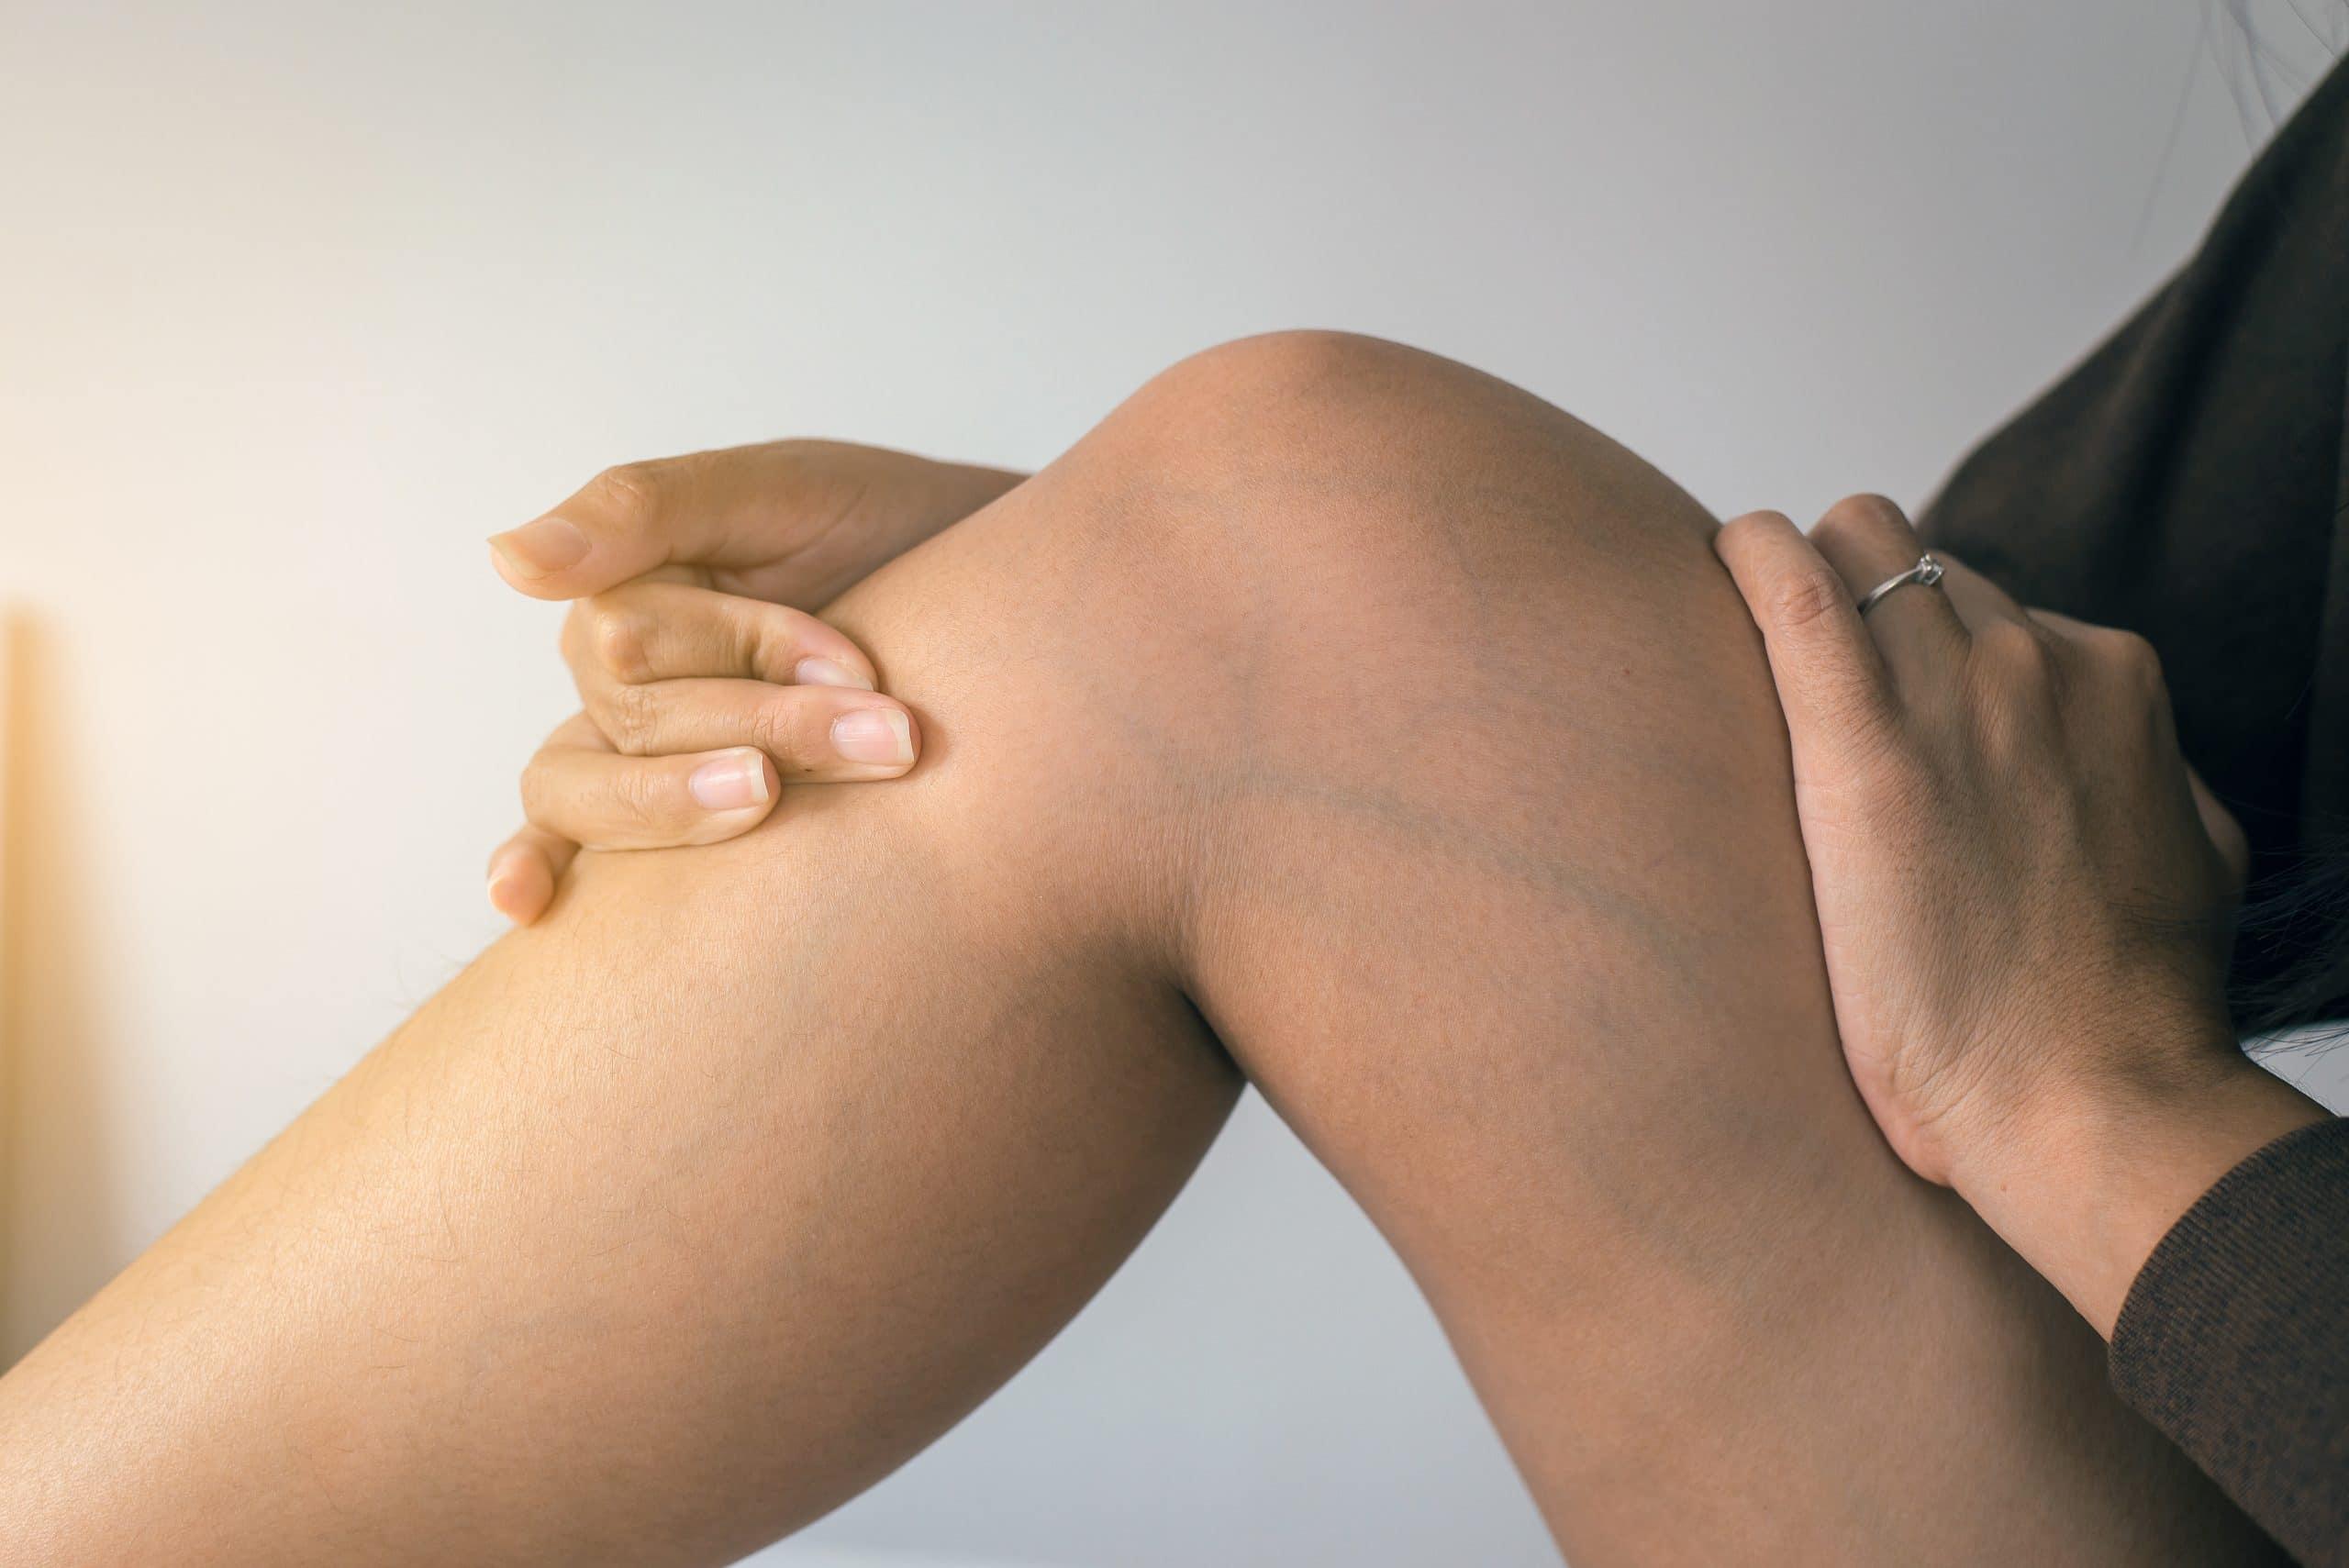 Tudnivalók a visszérről   A visszér tünetei, kezelése, megelőzése